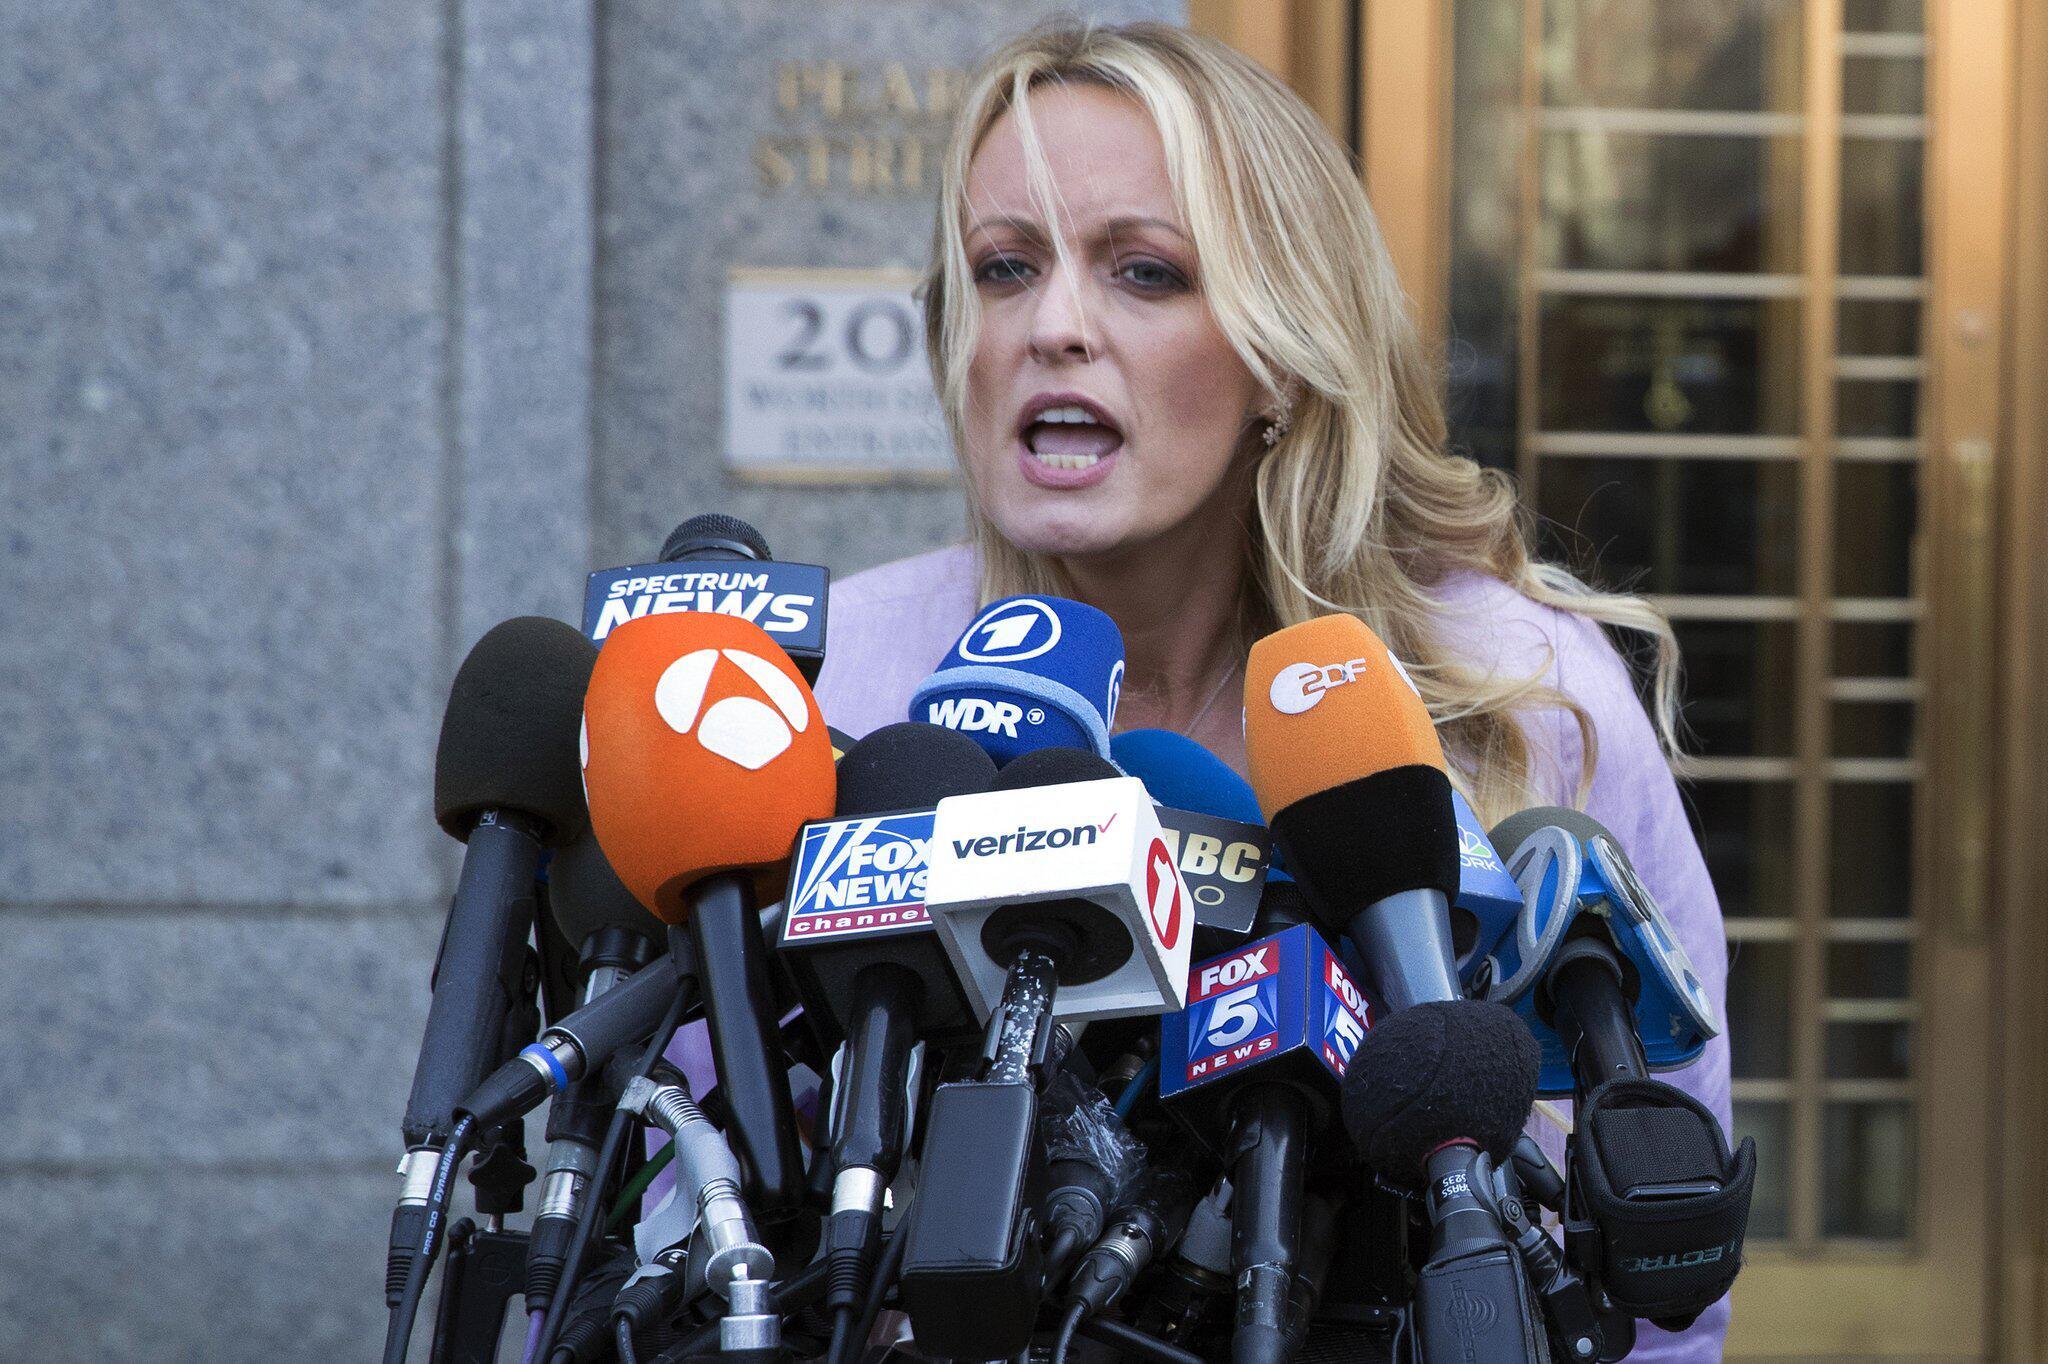 Bild zu Stephanie Clifford, Bundesgericht, Pornodarstellerin, Donald Trump, New York, Verleumdungsklage